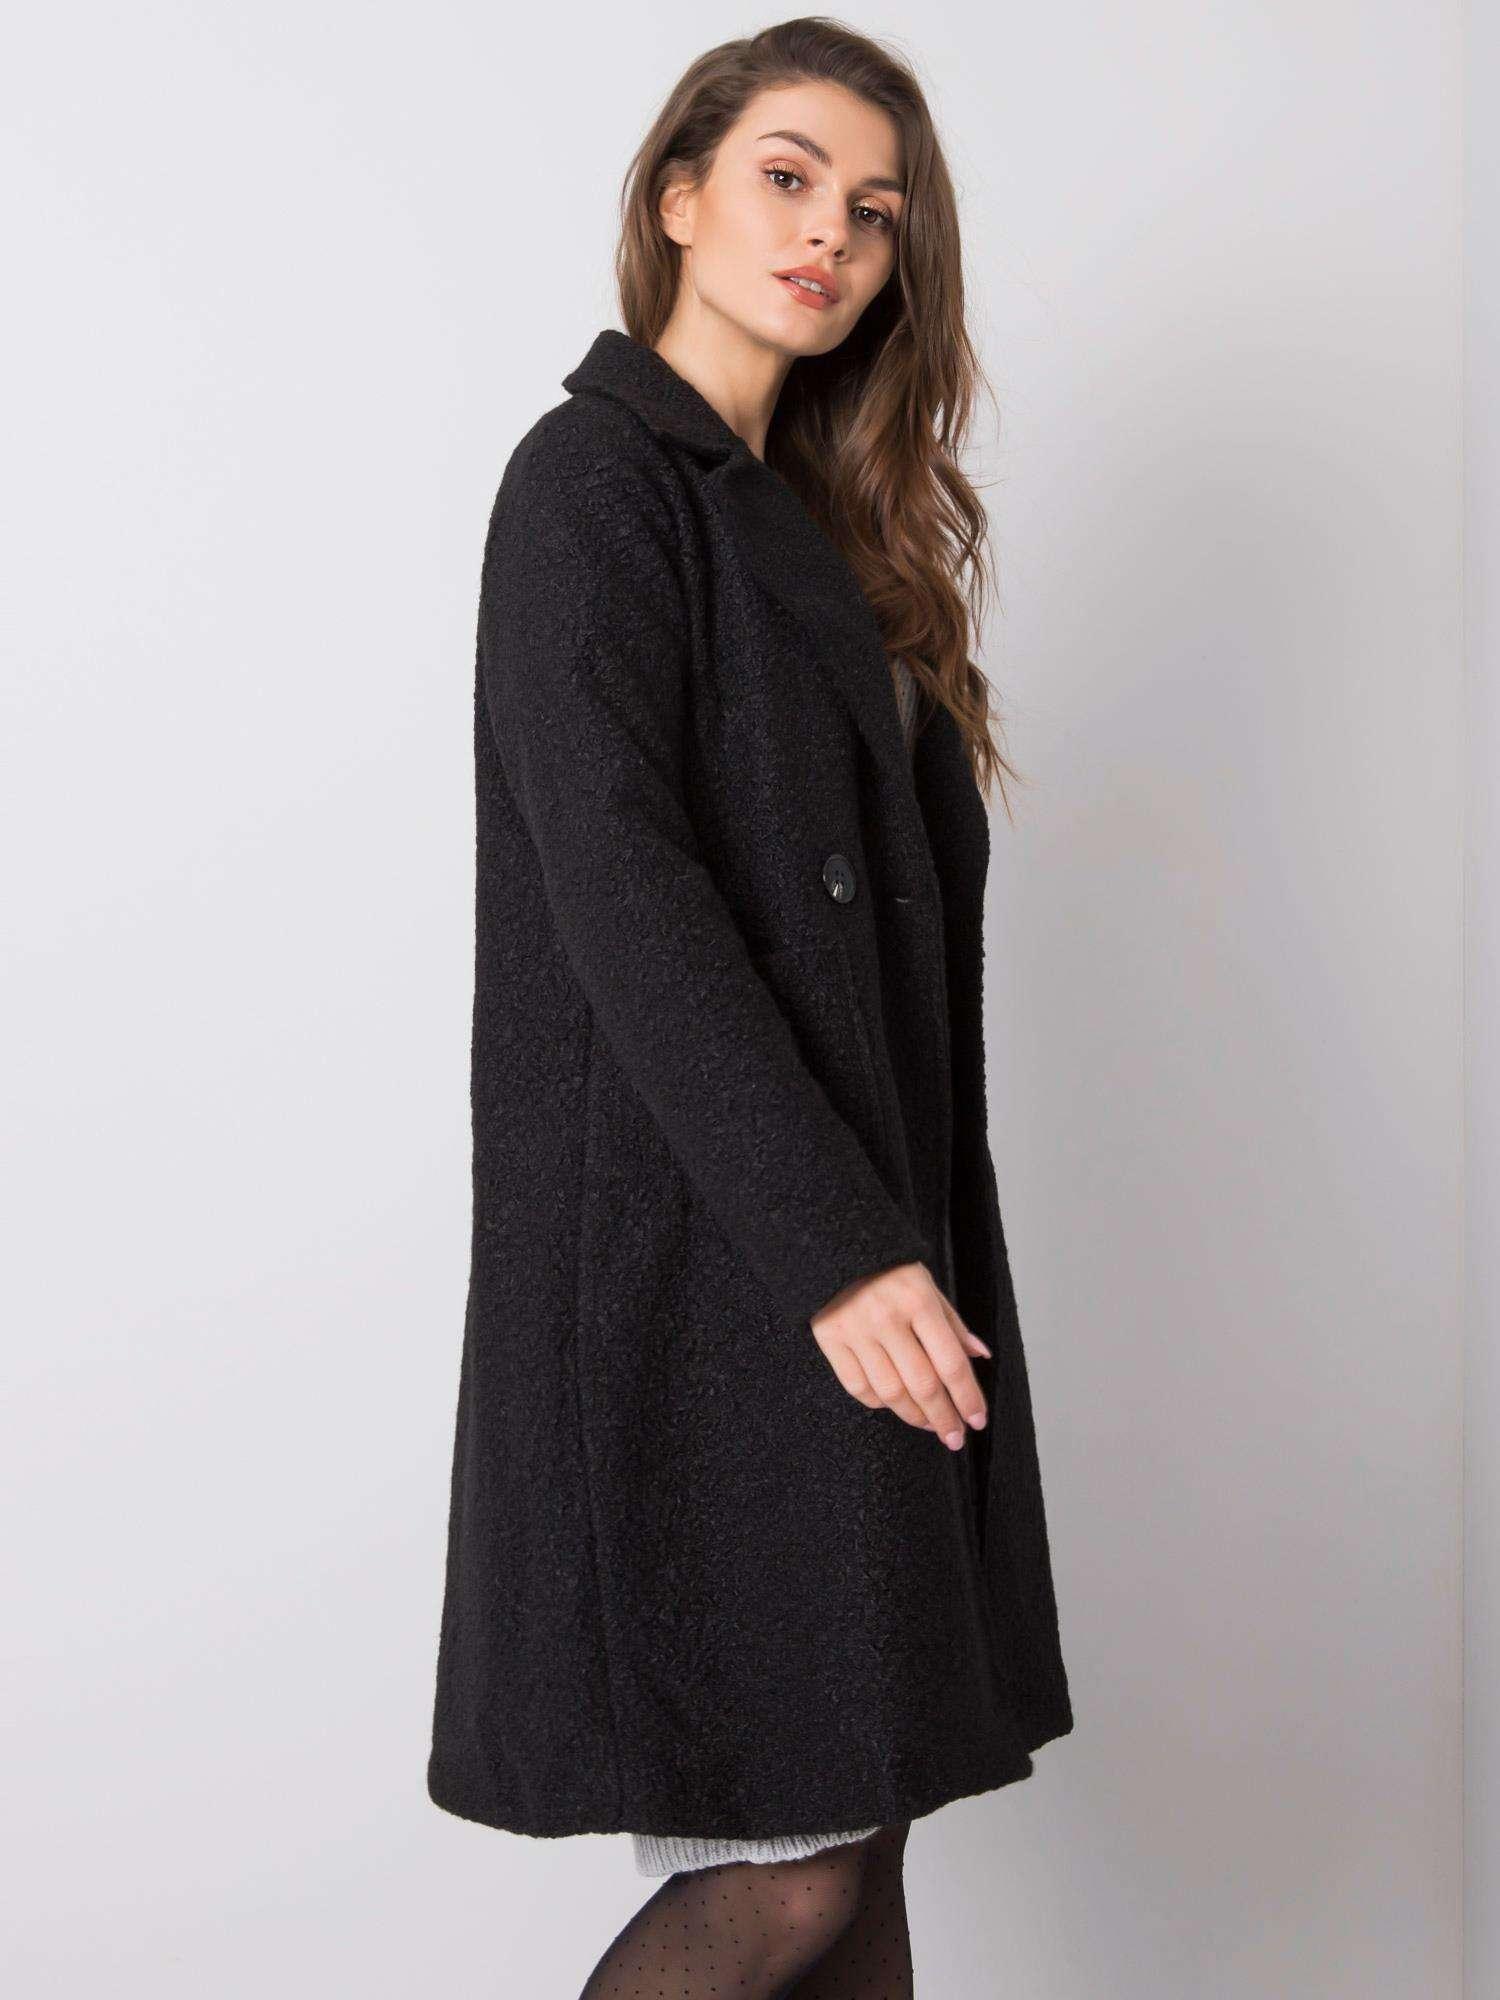 Dlhý čierny kabát s gombíkmi - UNI